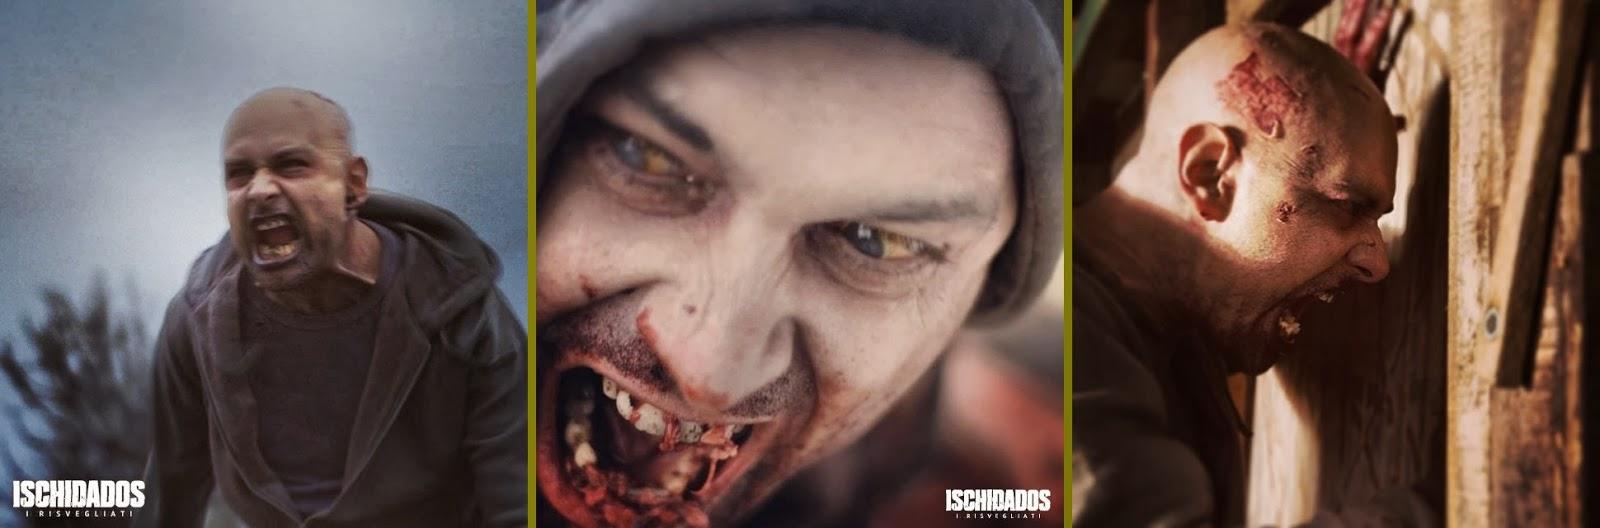 Ischidados - Zombie